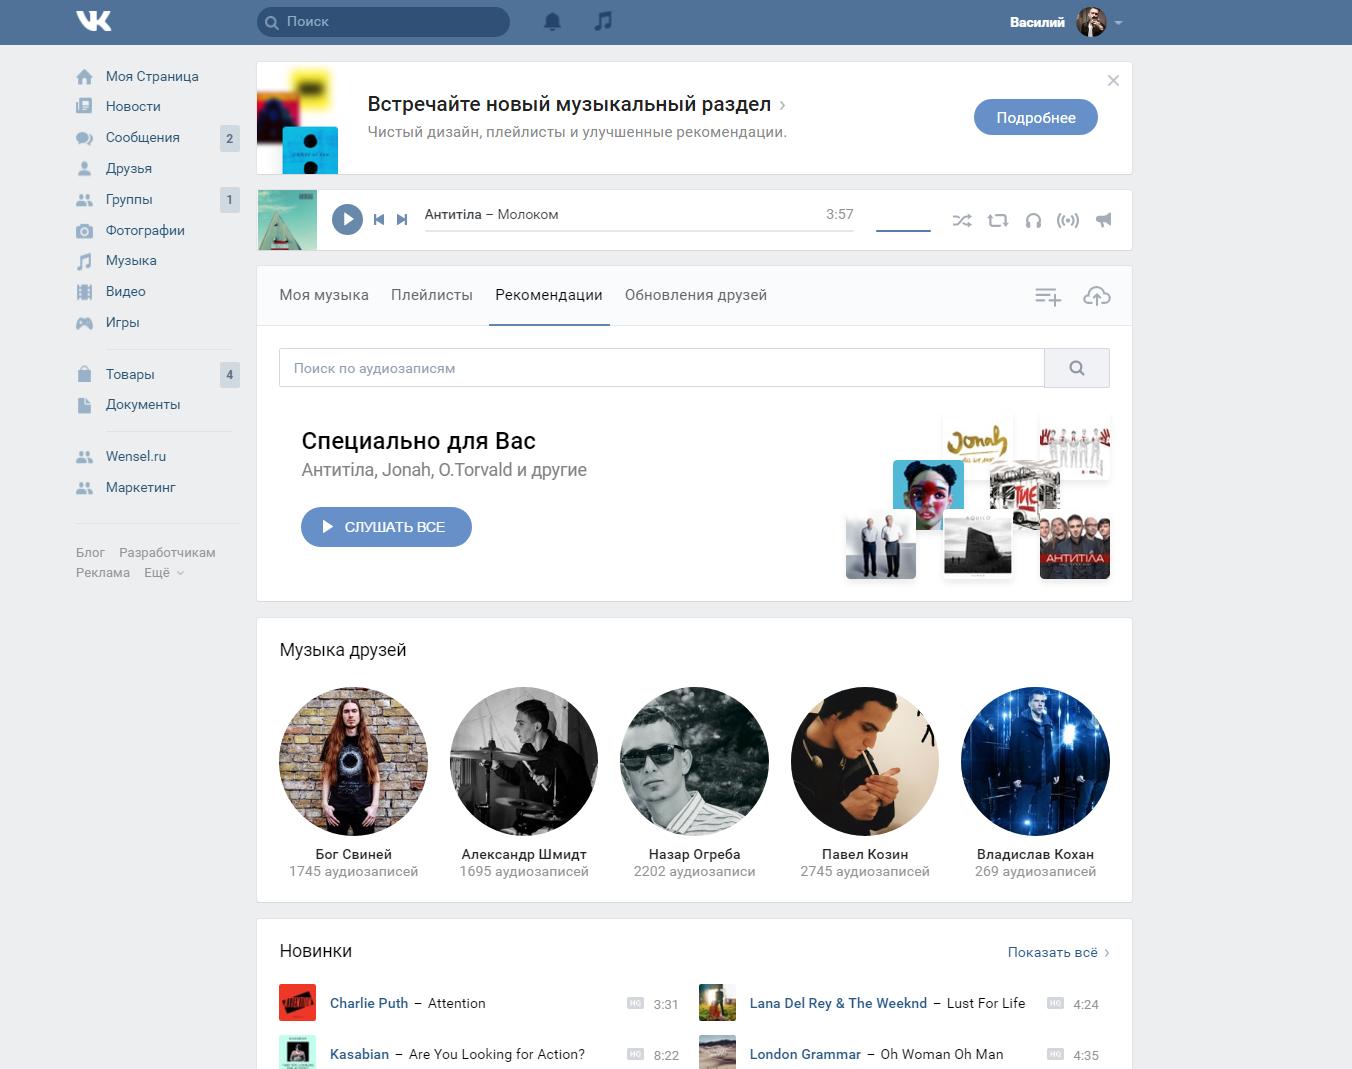 Vk Music новый дизайн и особенности сервиса